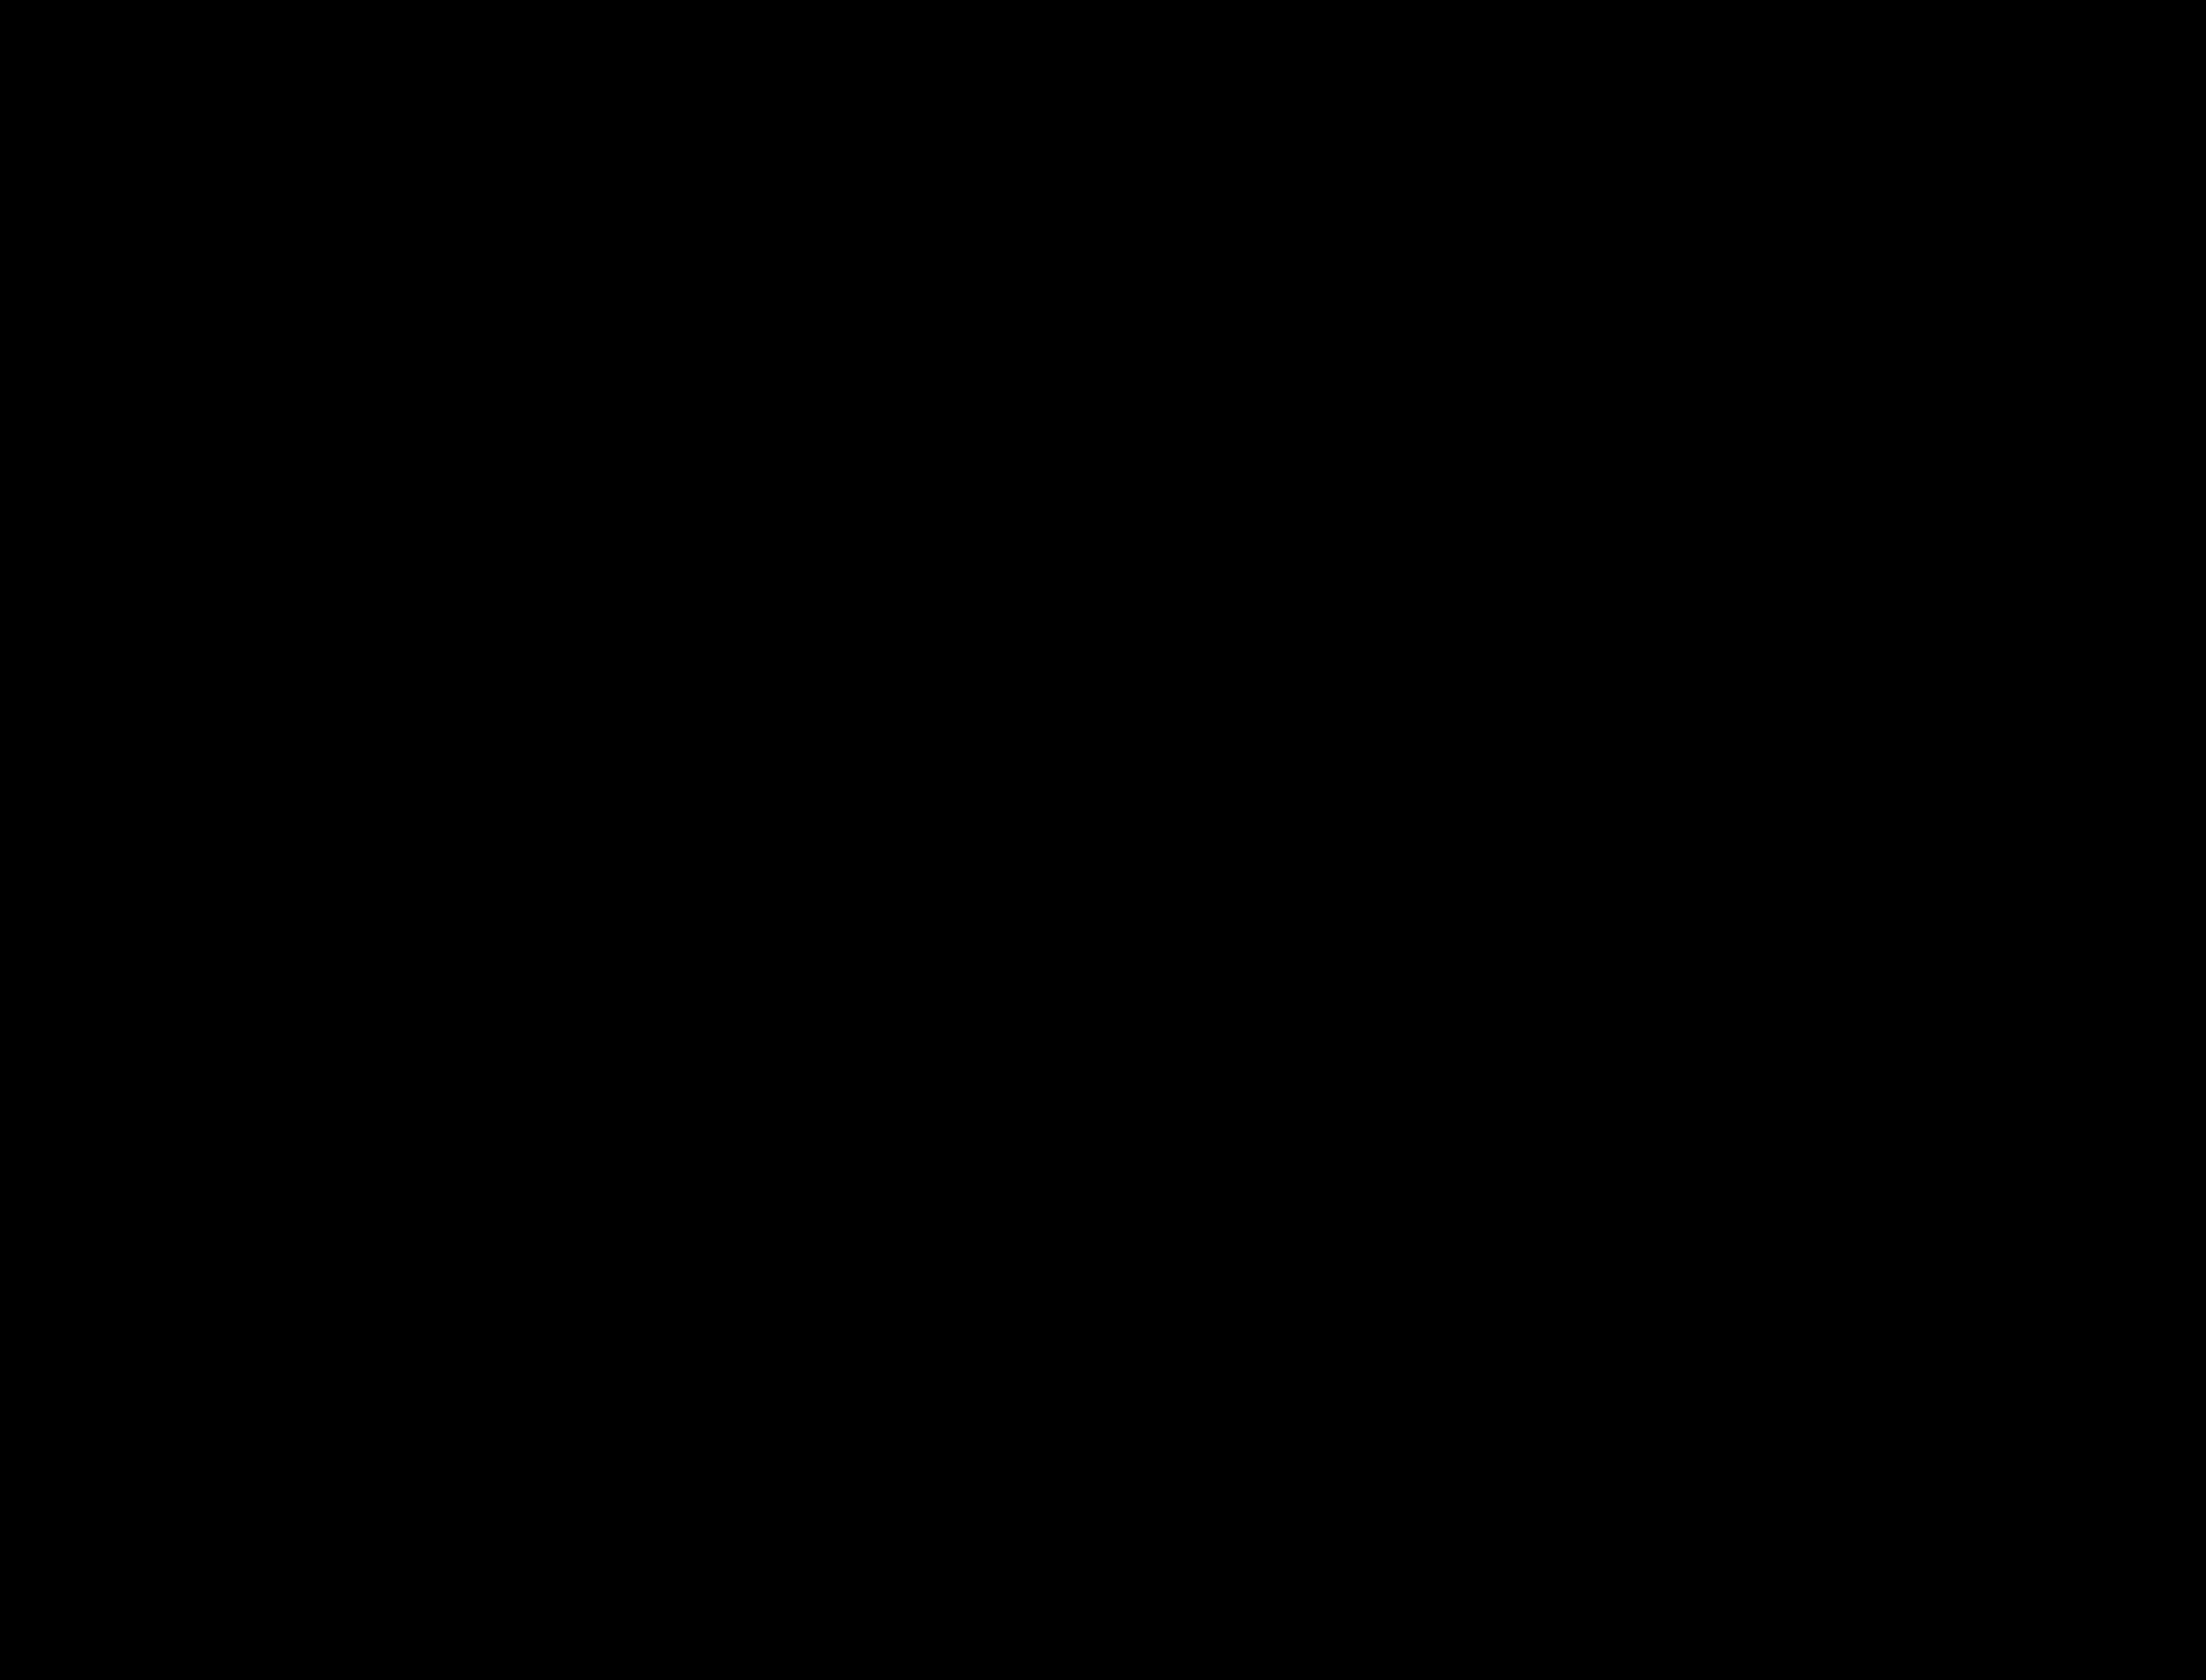 2400x1828 Camera Clip Art